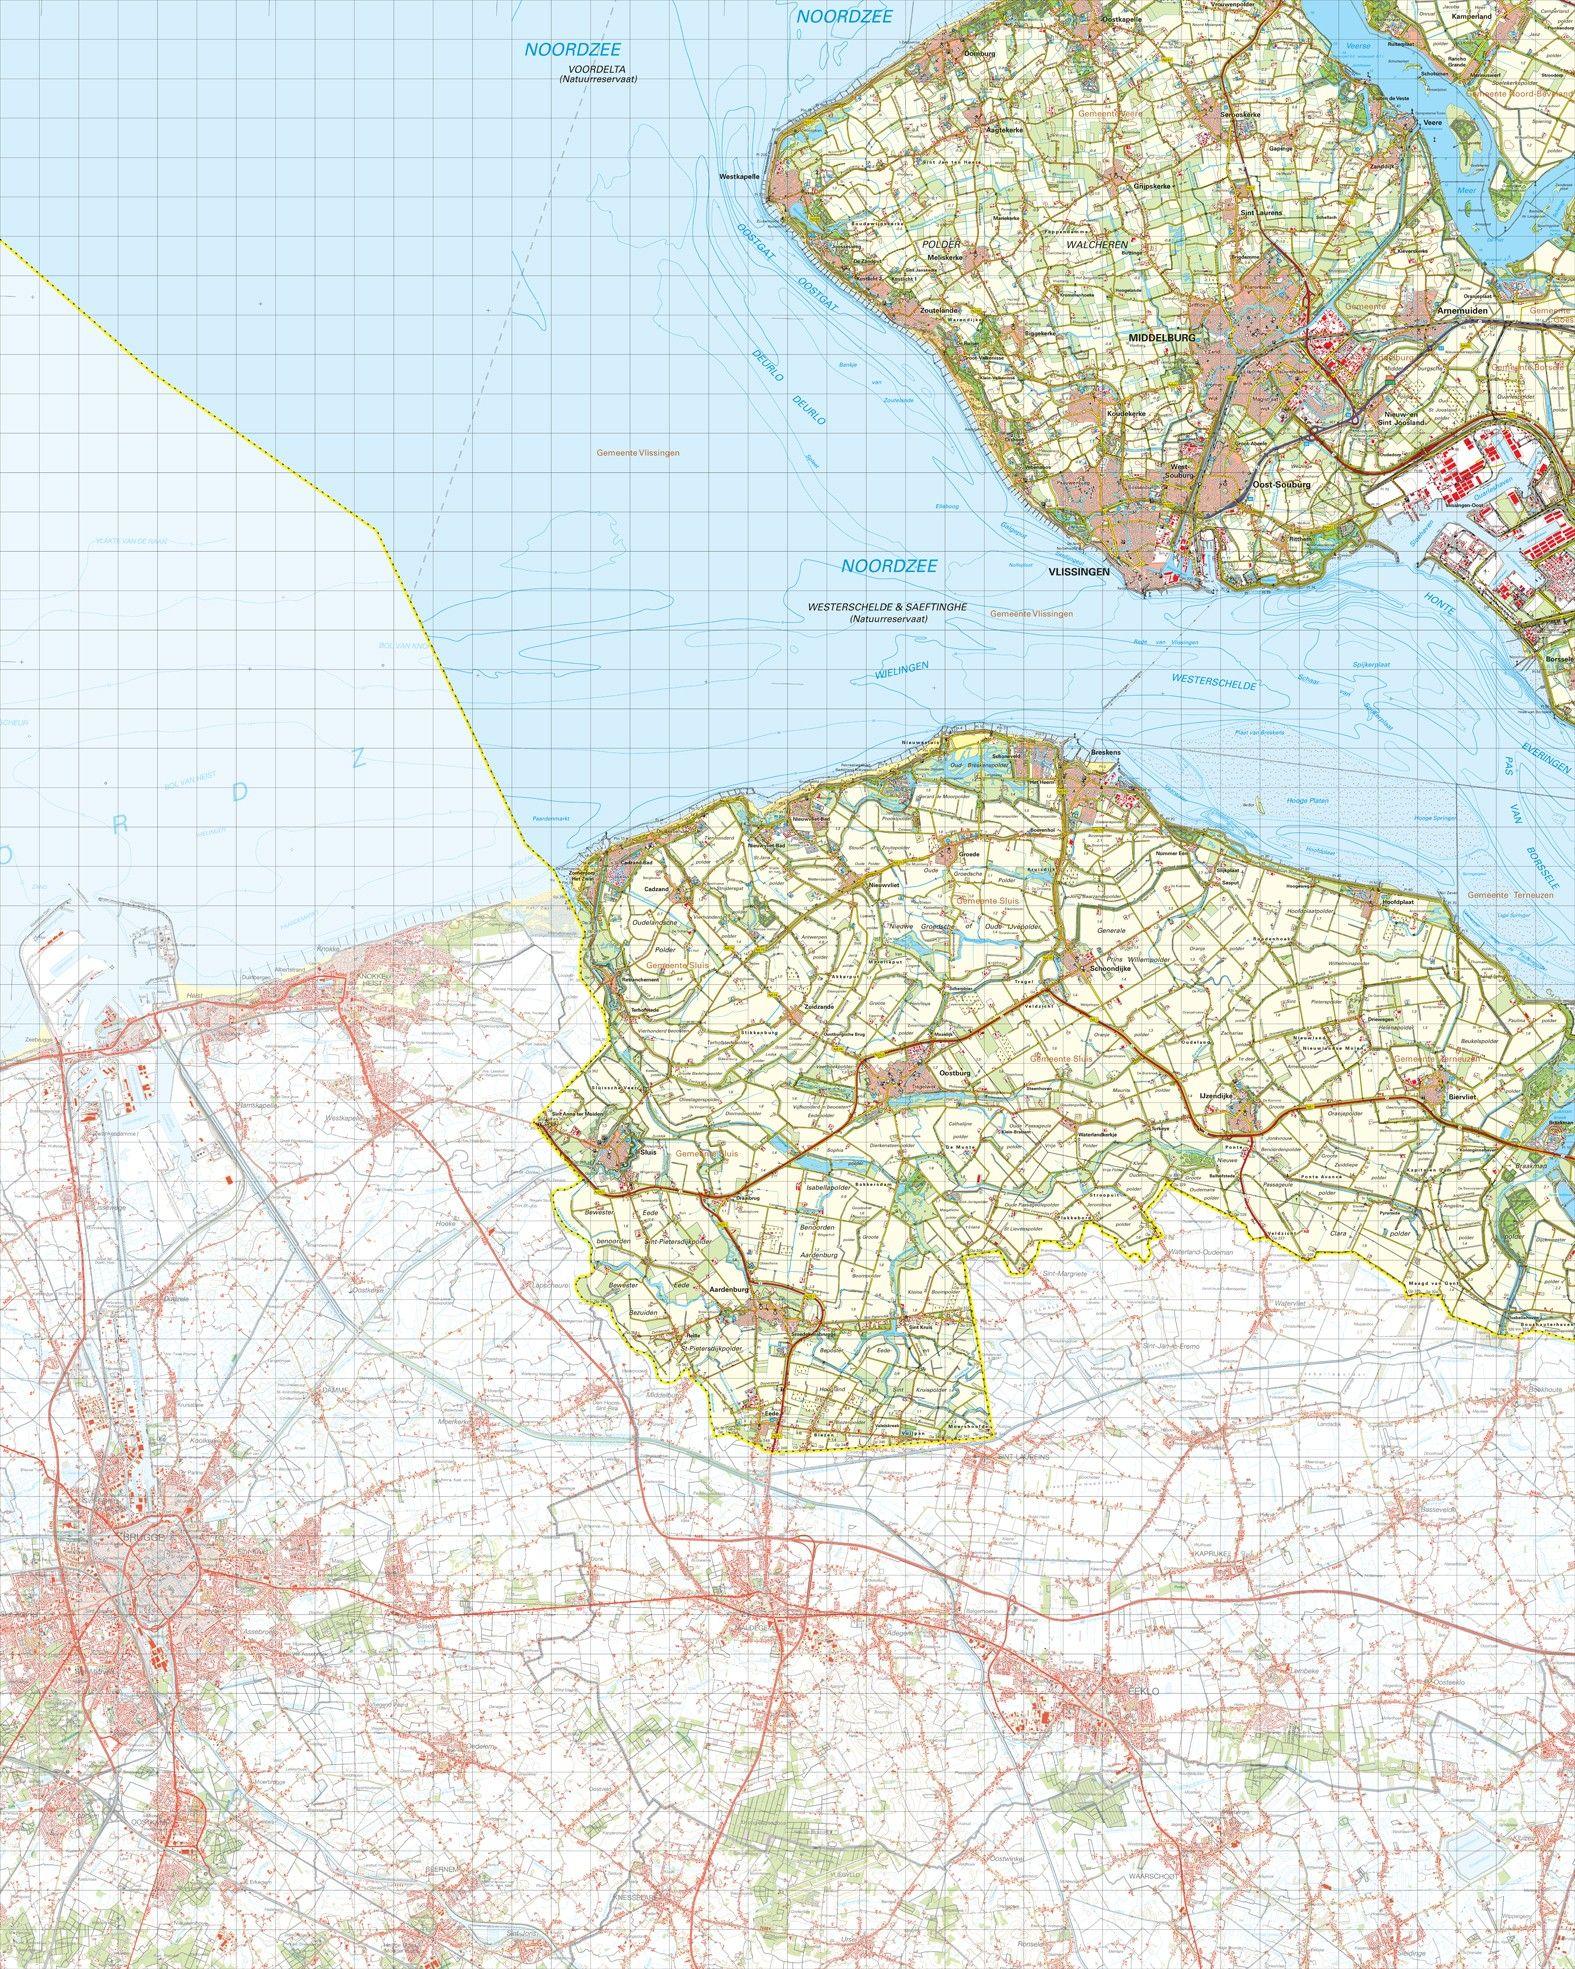 Topografische kaart schaal 1:50.000 (Middelburg,Vlissingen,Breskens,Oostburg,Sluis)